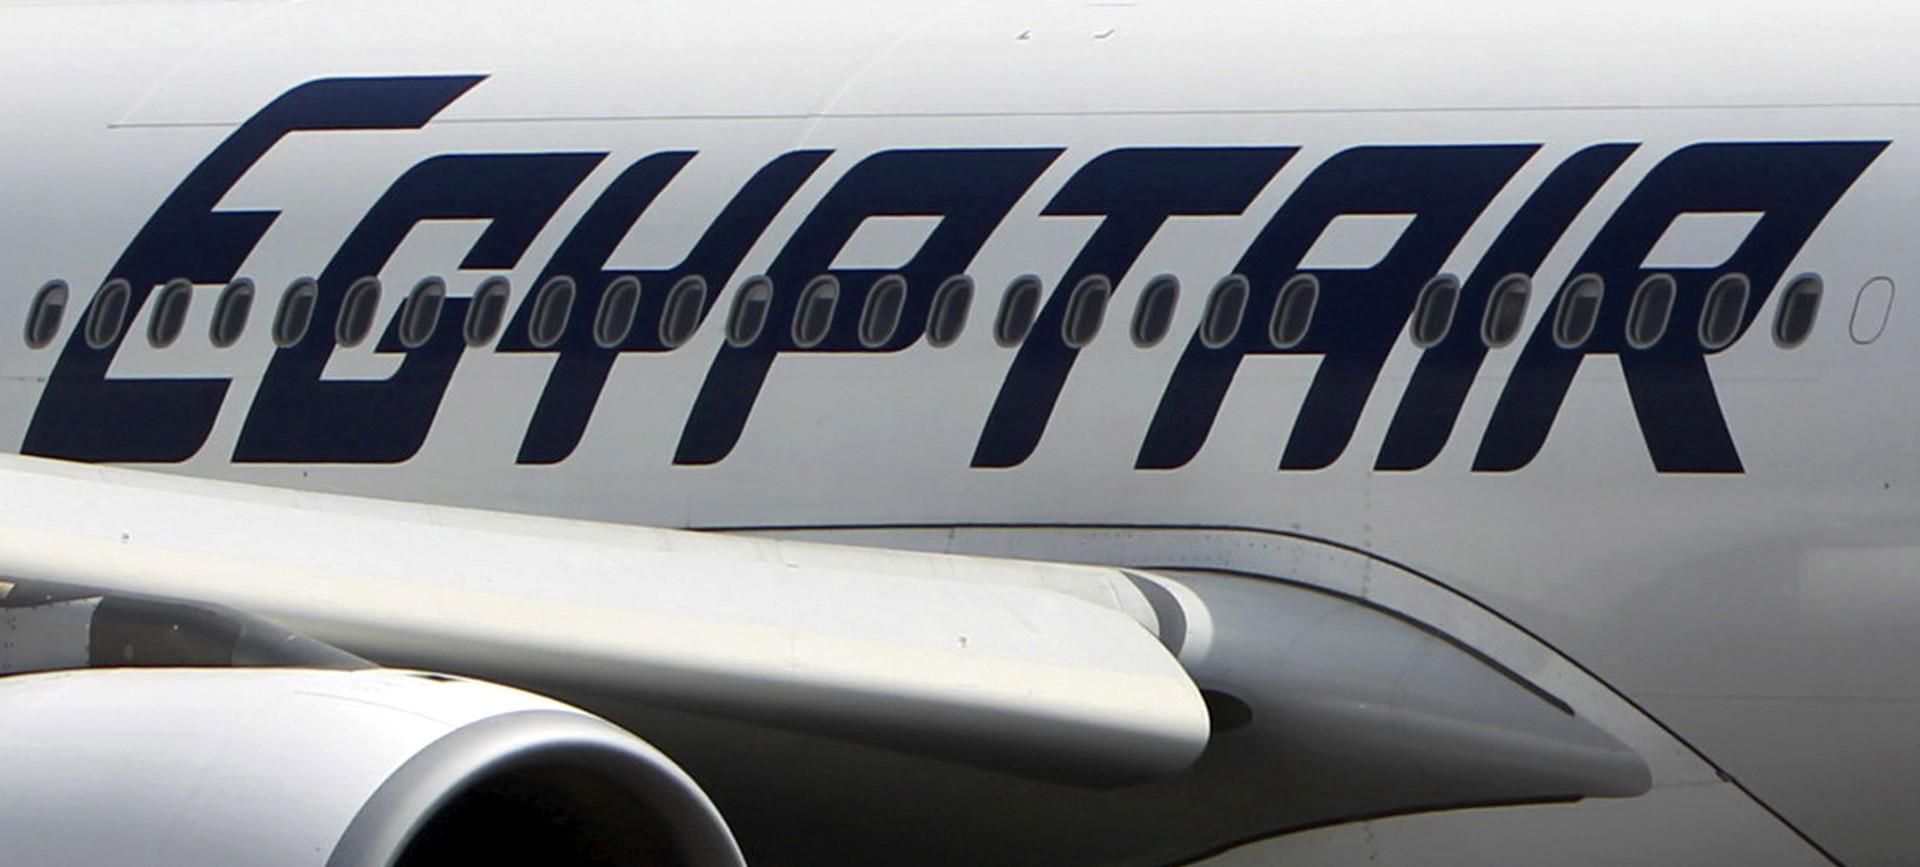 Катастрофа лайнера EgyptAir над Средиземным морем — хроника событий